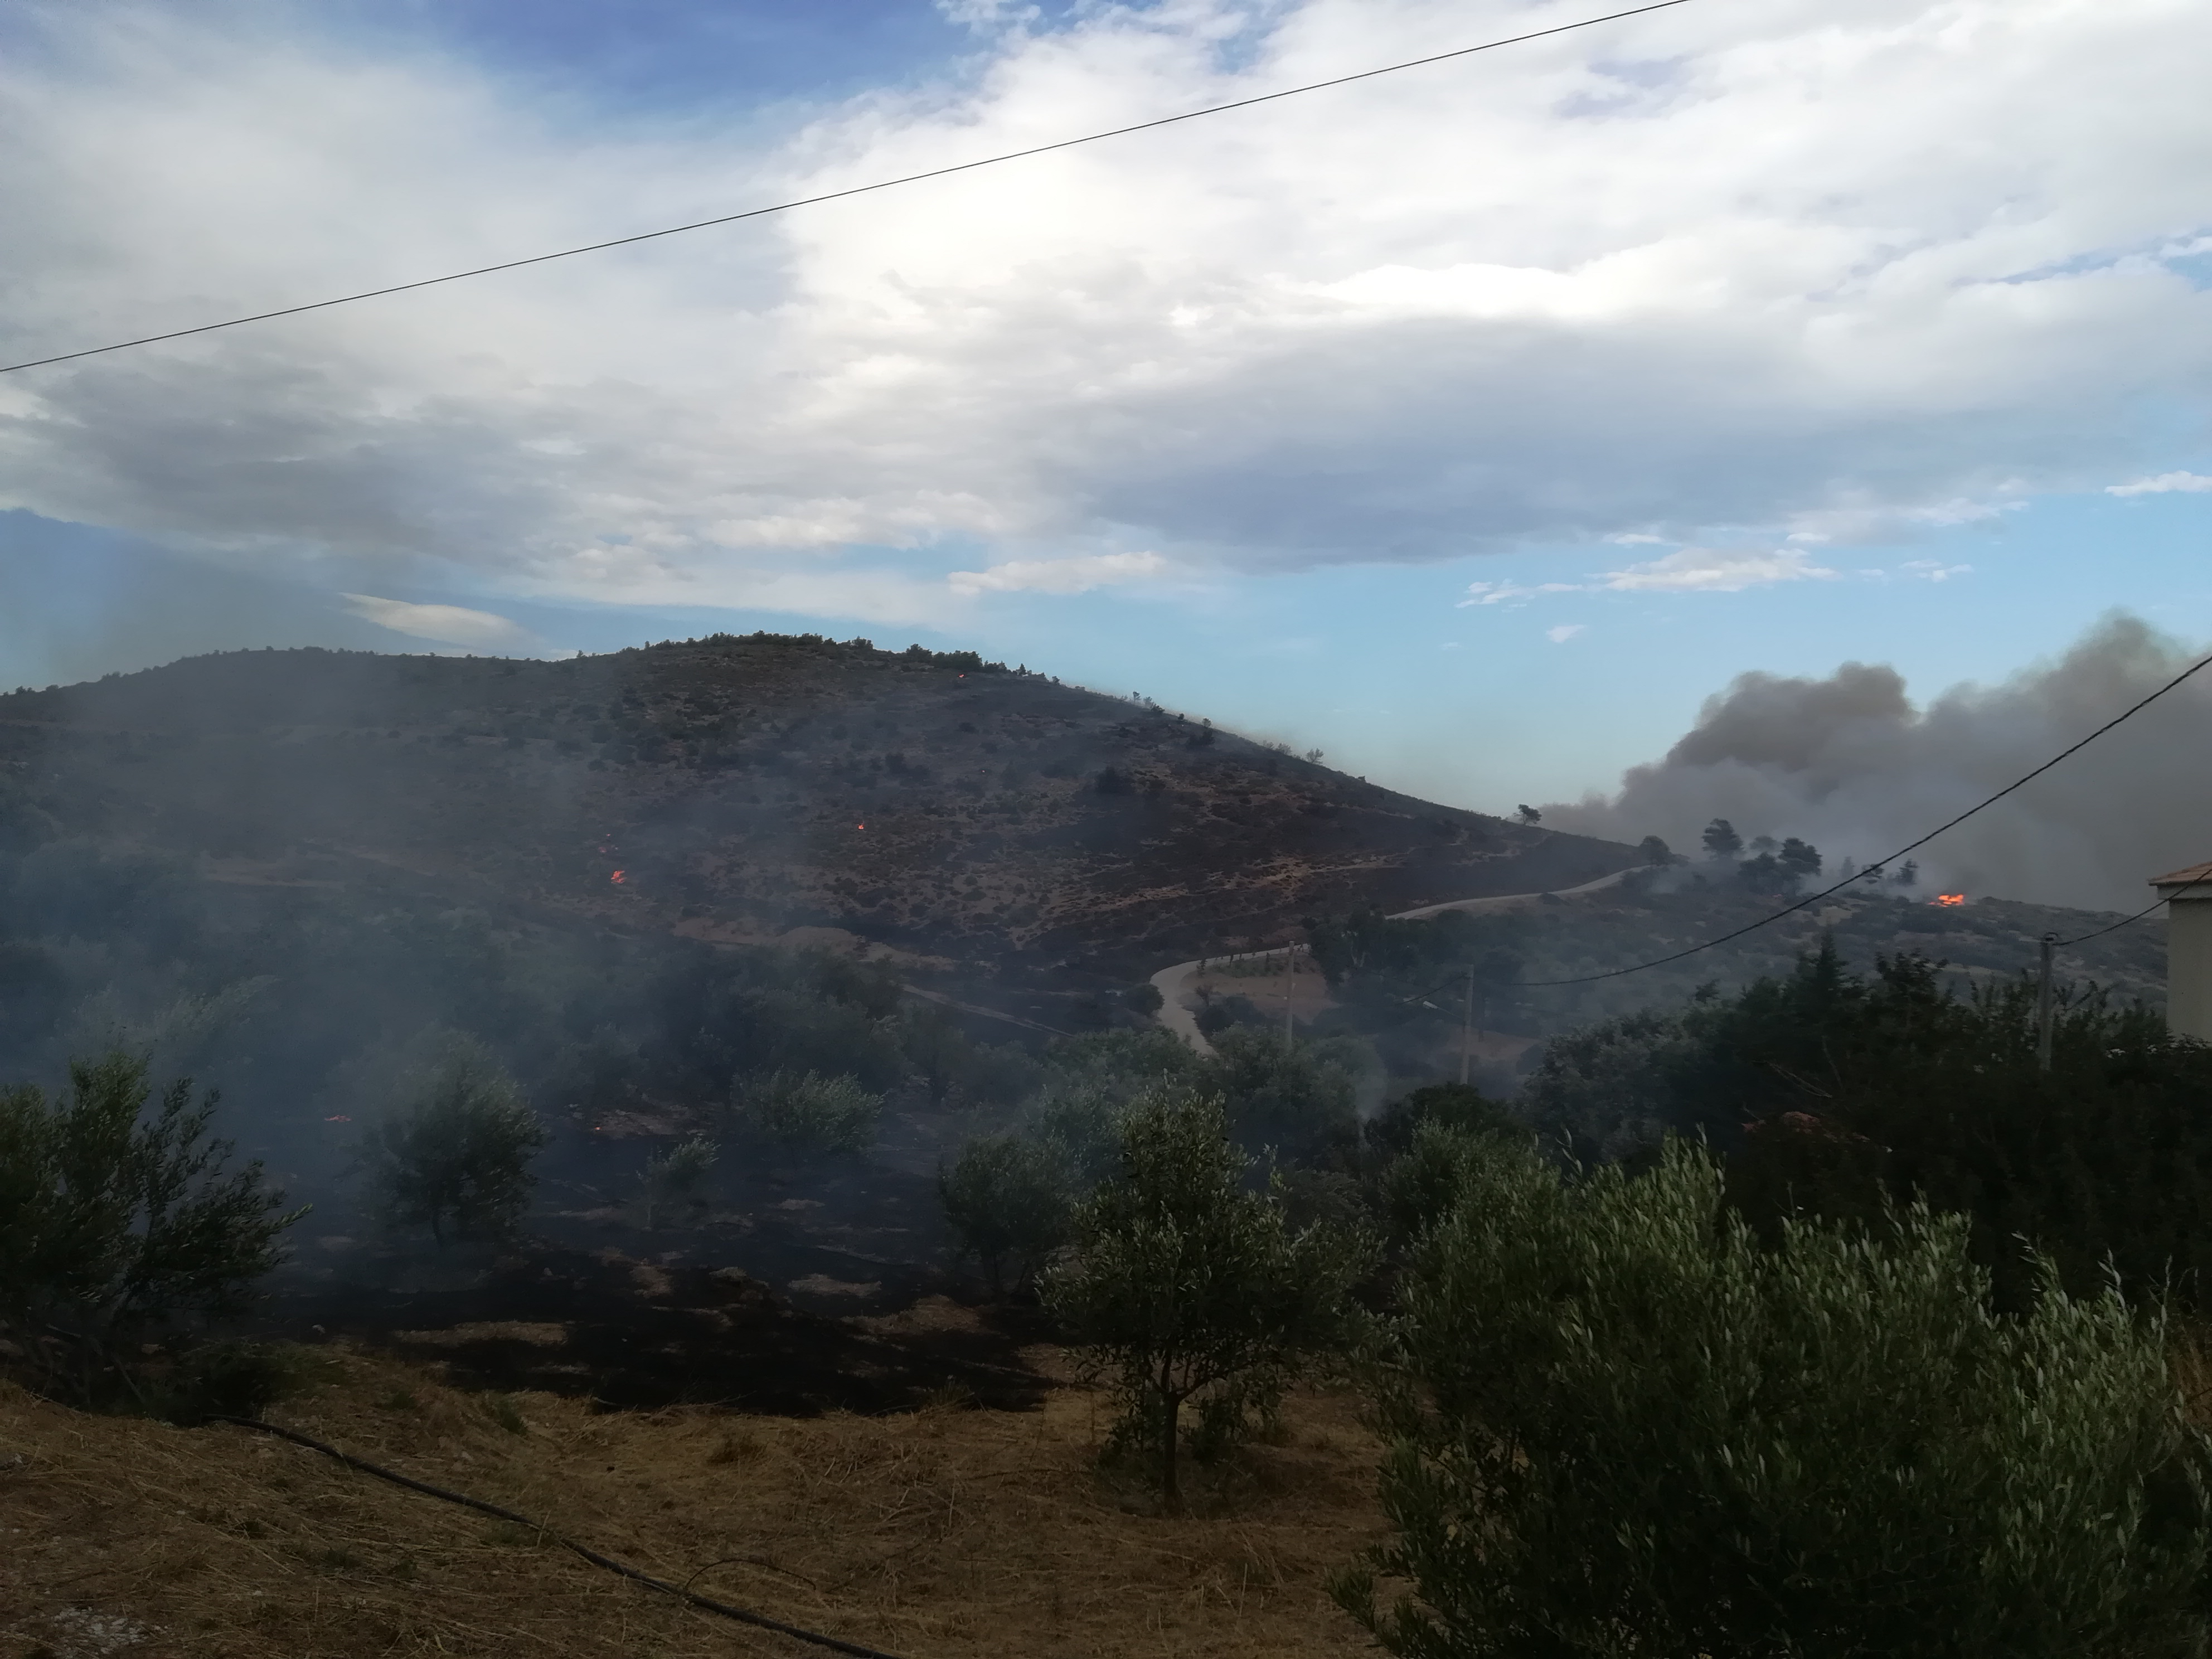 eikones-oloklirotikis-katastrofis-apo-tis-pyrkagies-foto-amp-8211-vinteo14